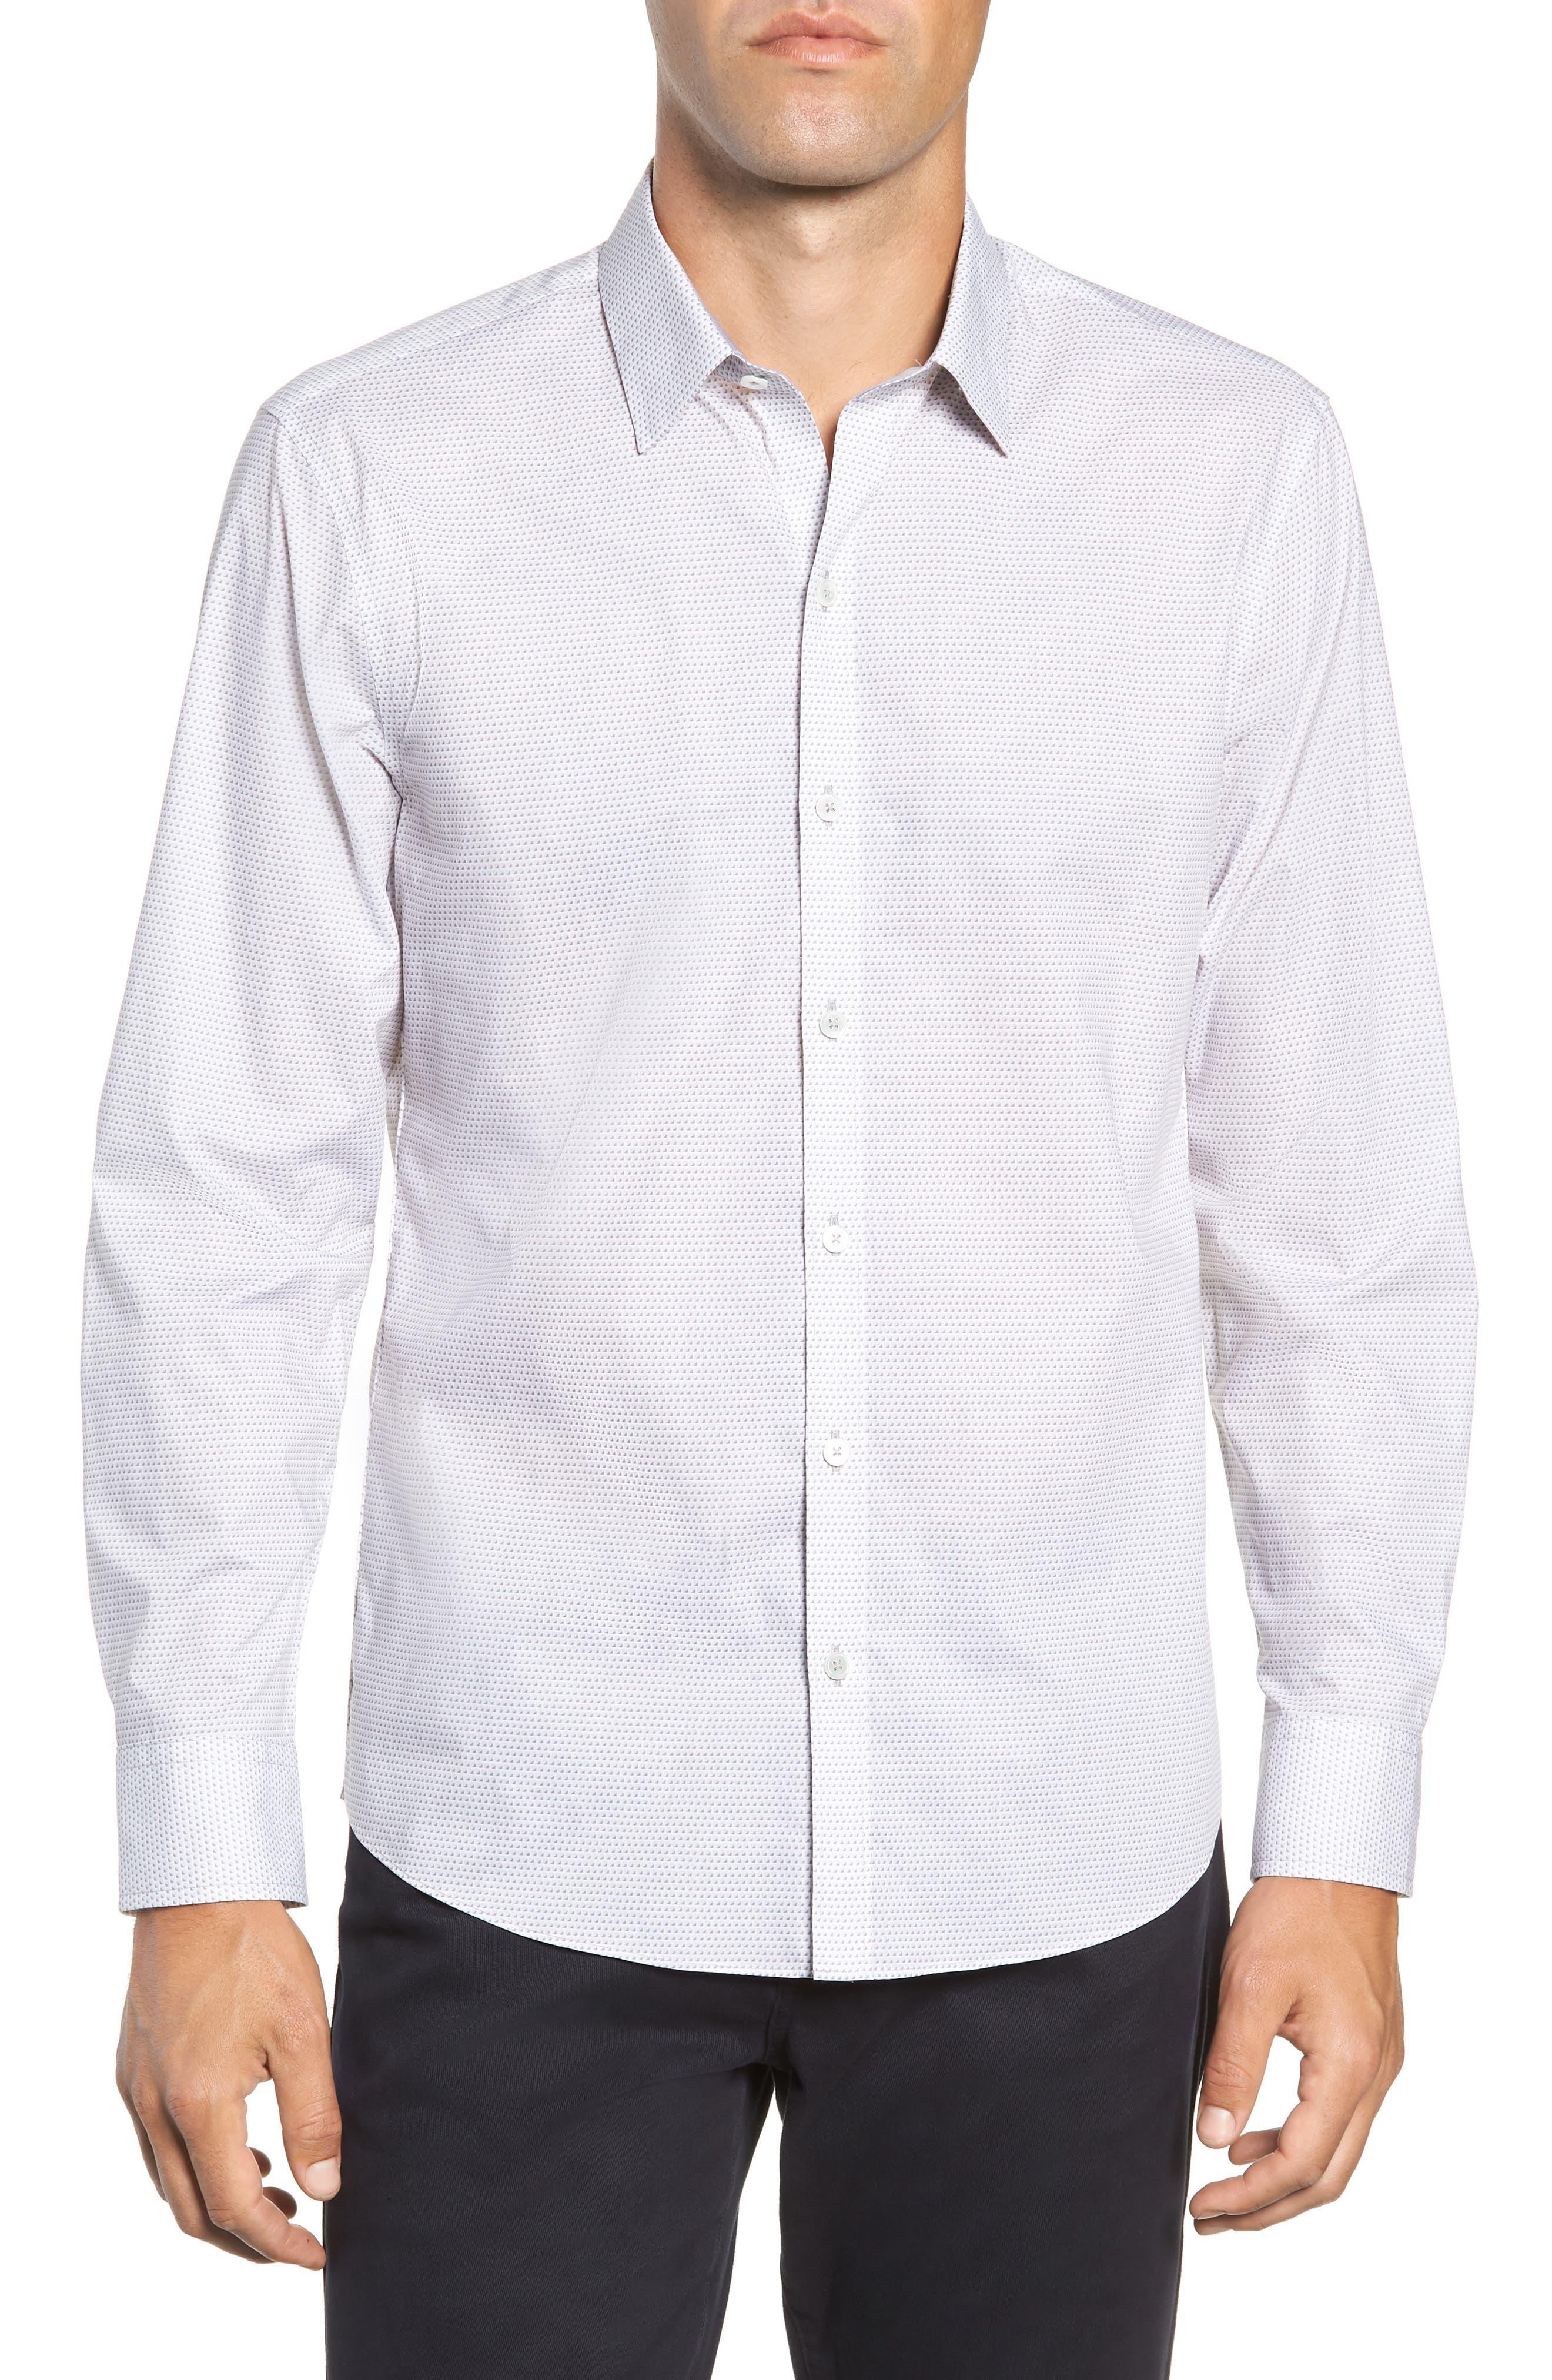 Toledo Regular Fit Microdot Sport Shirt,                             Main thumbnail 1, color,                             WHITE